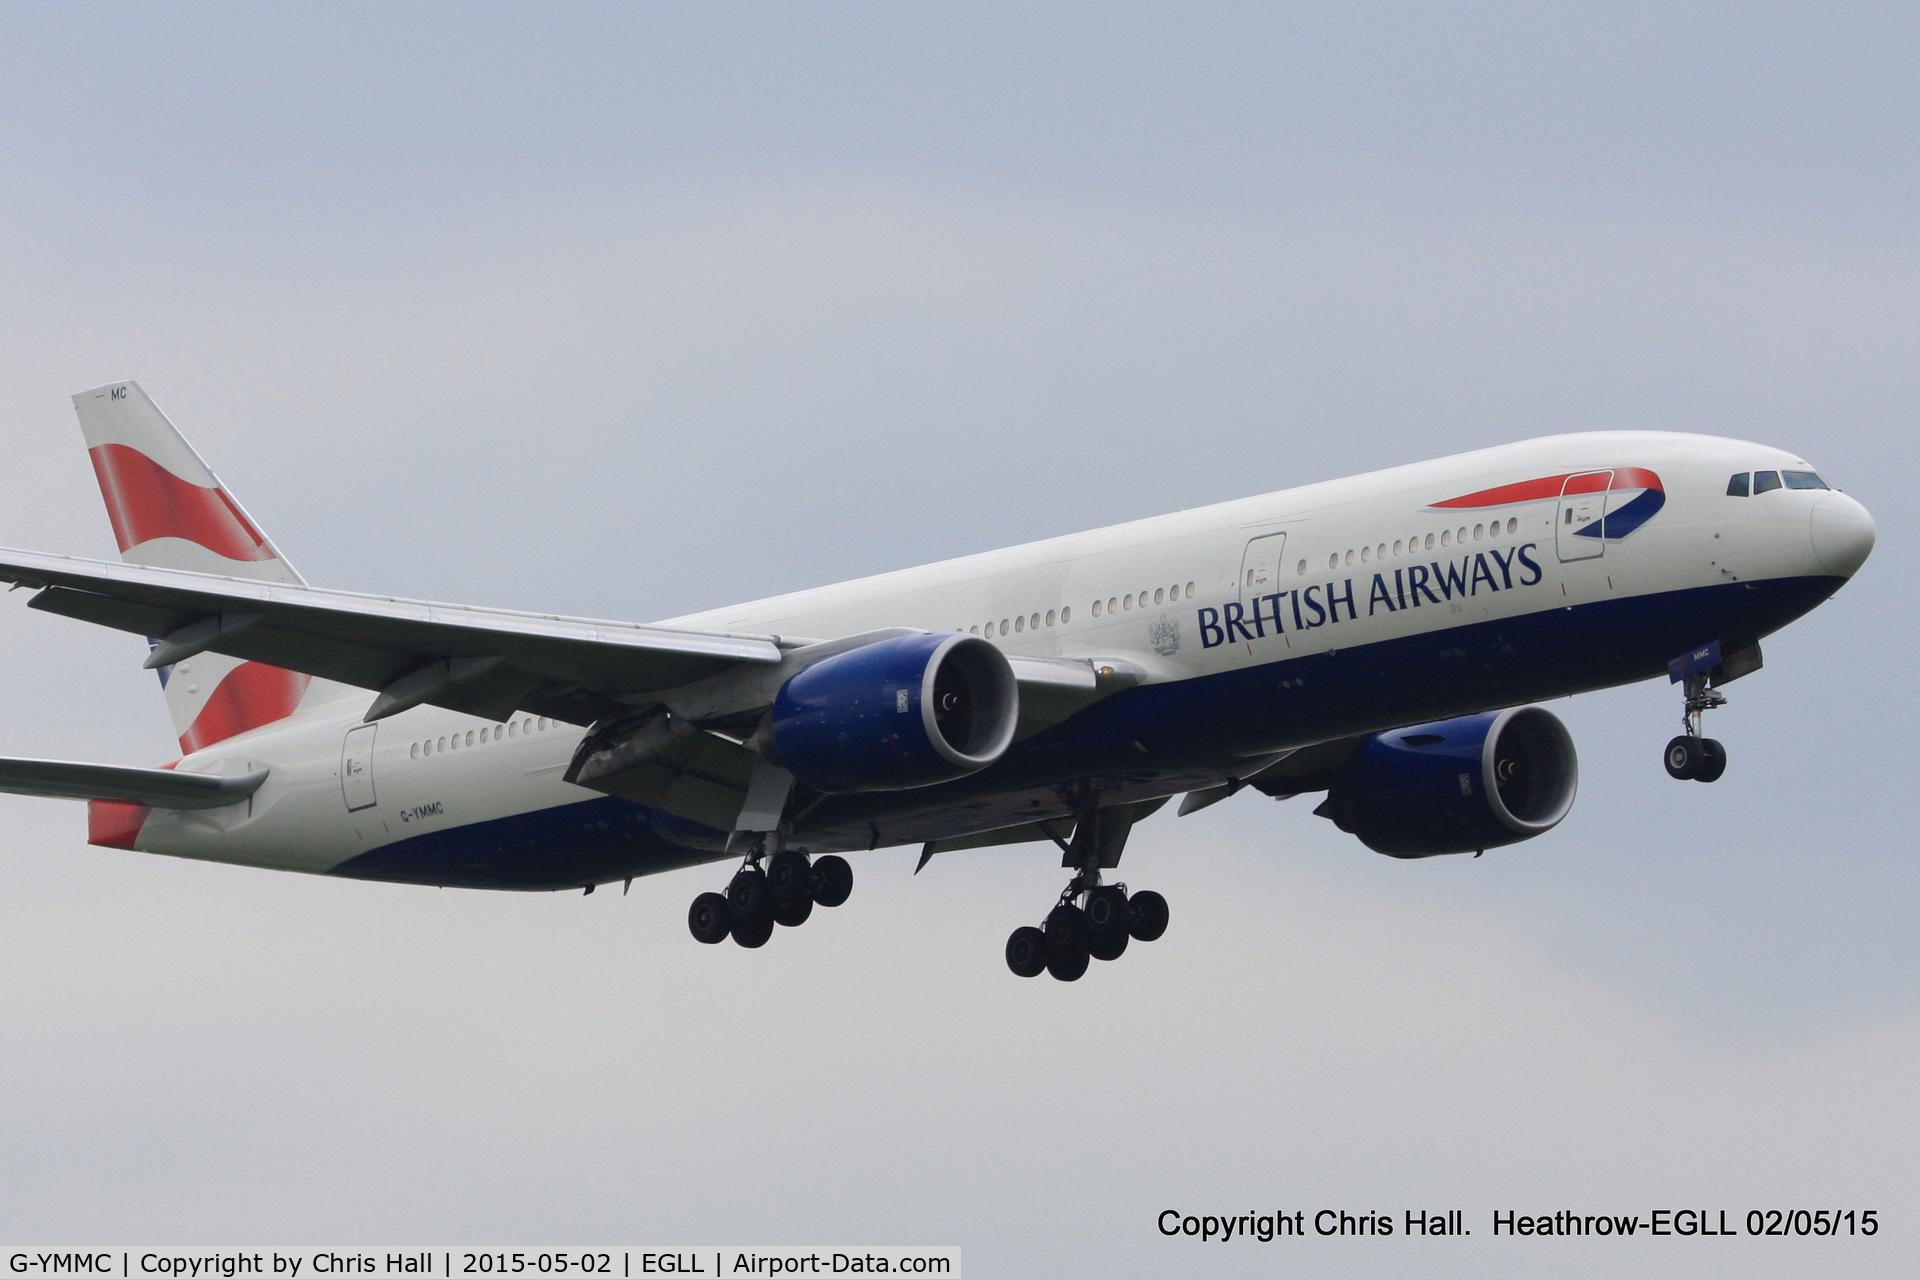 G-YMMC, 2000 Boeing 777-236 C/N 30304, British Airways